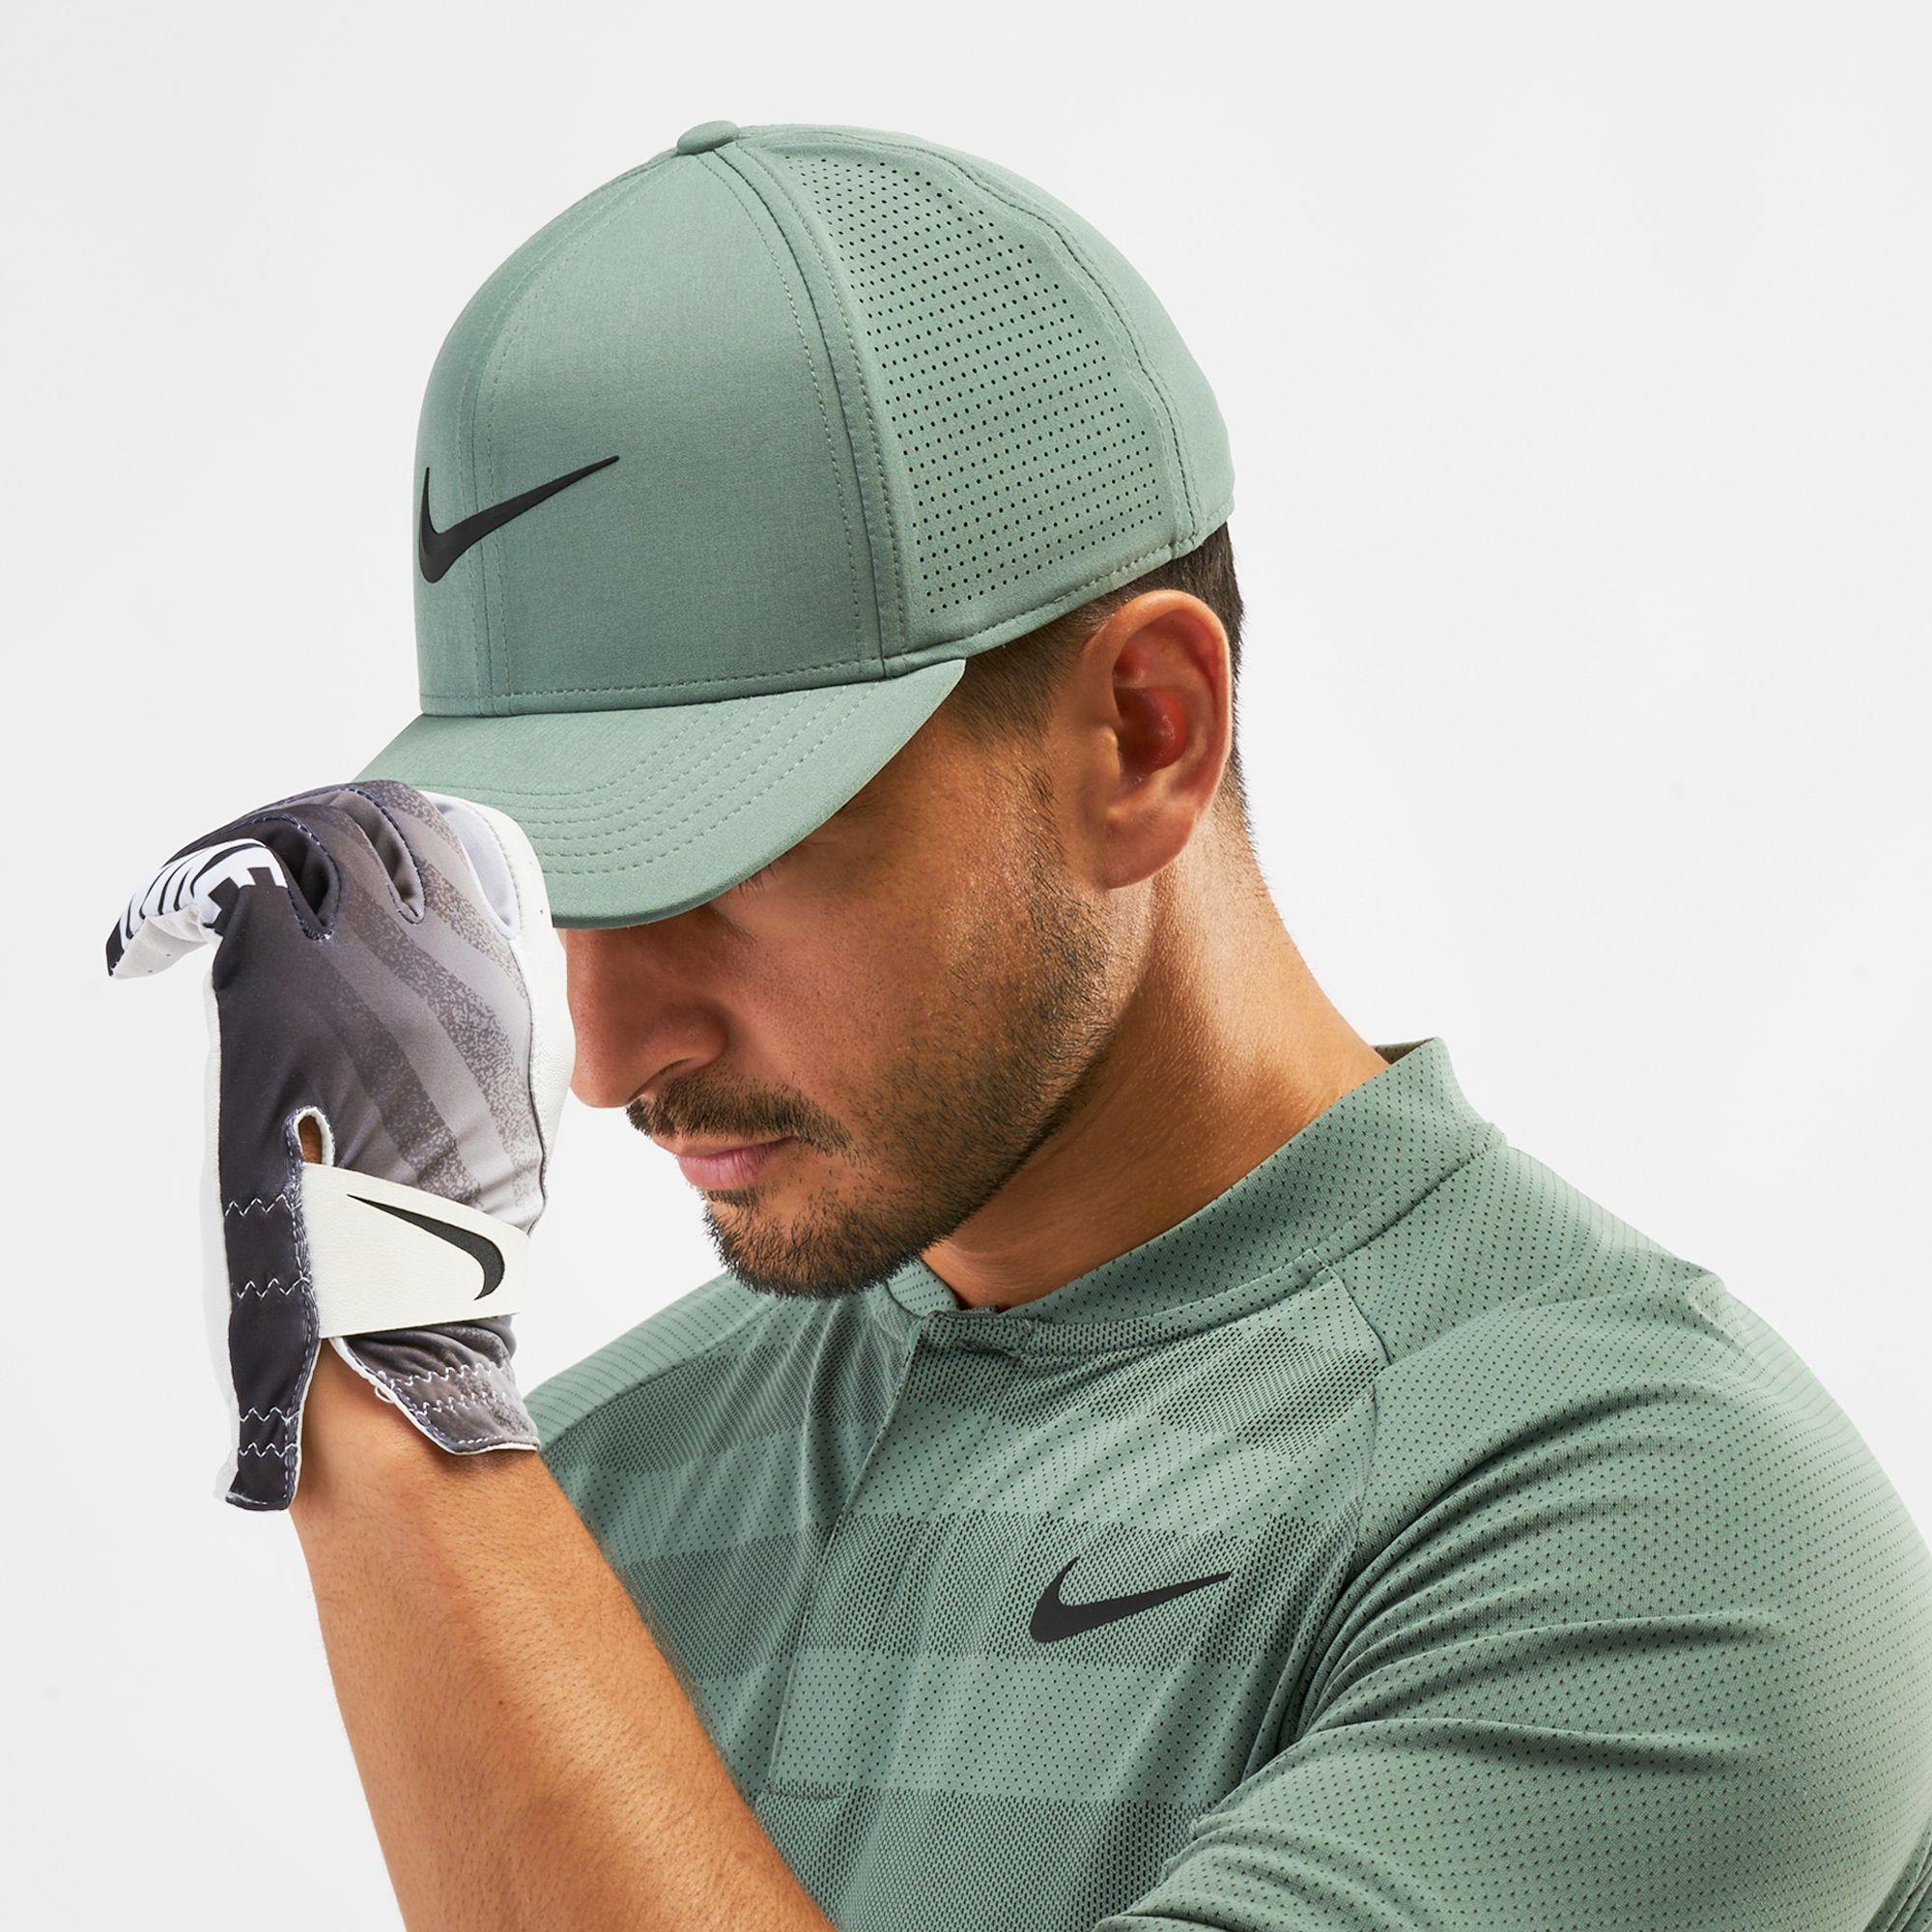 865f8ed1eea035 Nike Golf Aerobill Classic 99 Cap | Caps | Caps and Hats ...